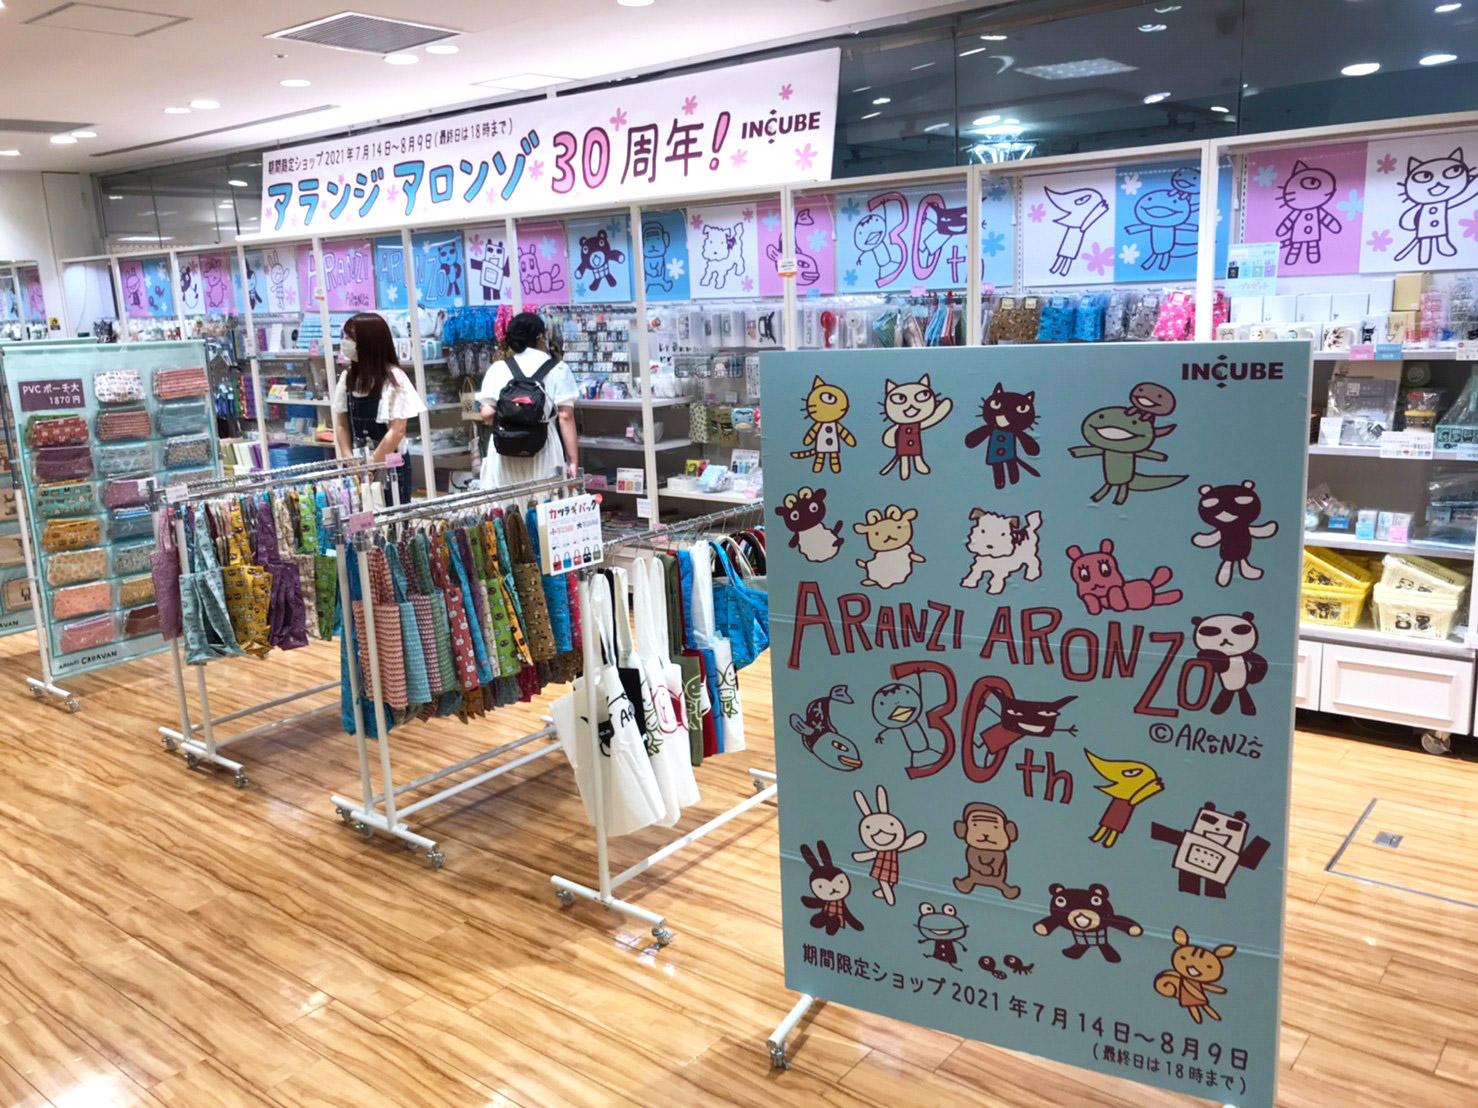 <福岡>雑貨館インキューブ天神店 『アランジアロンゾ30周年期間限定ショップ』